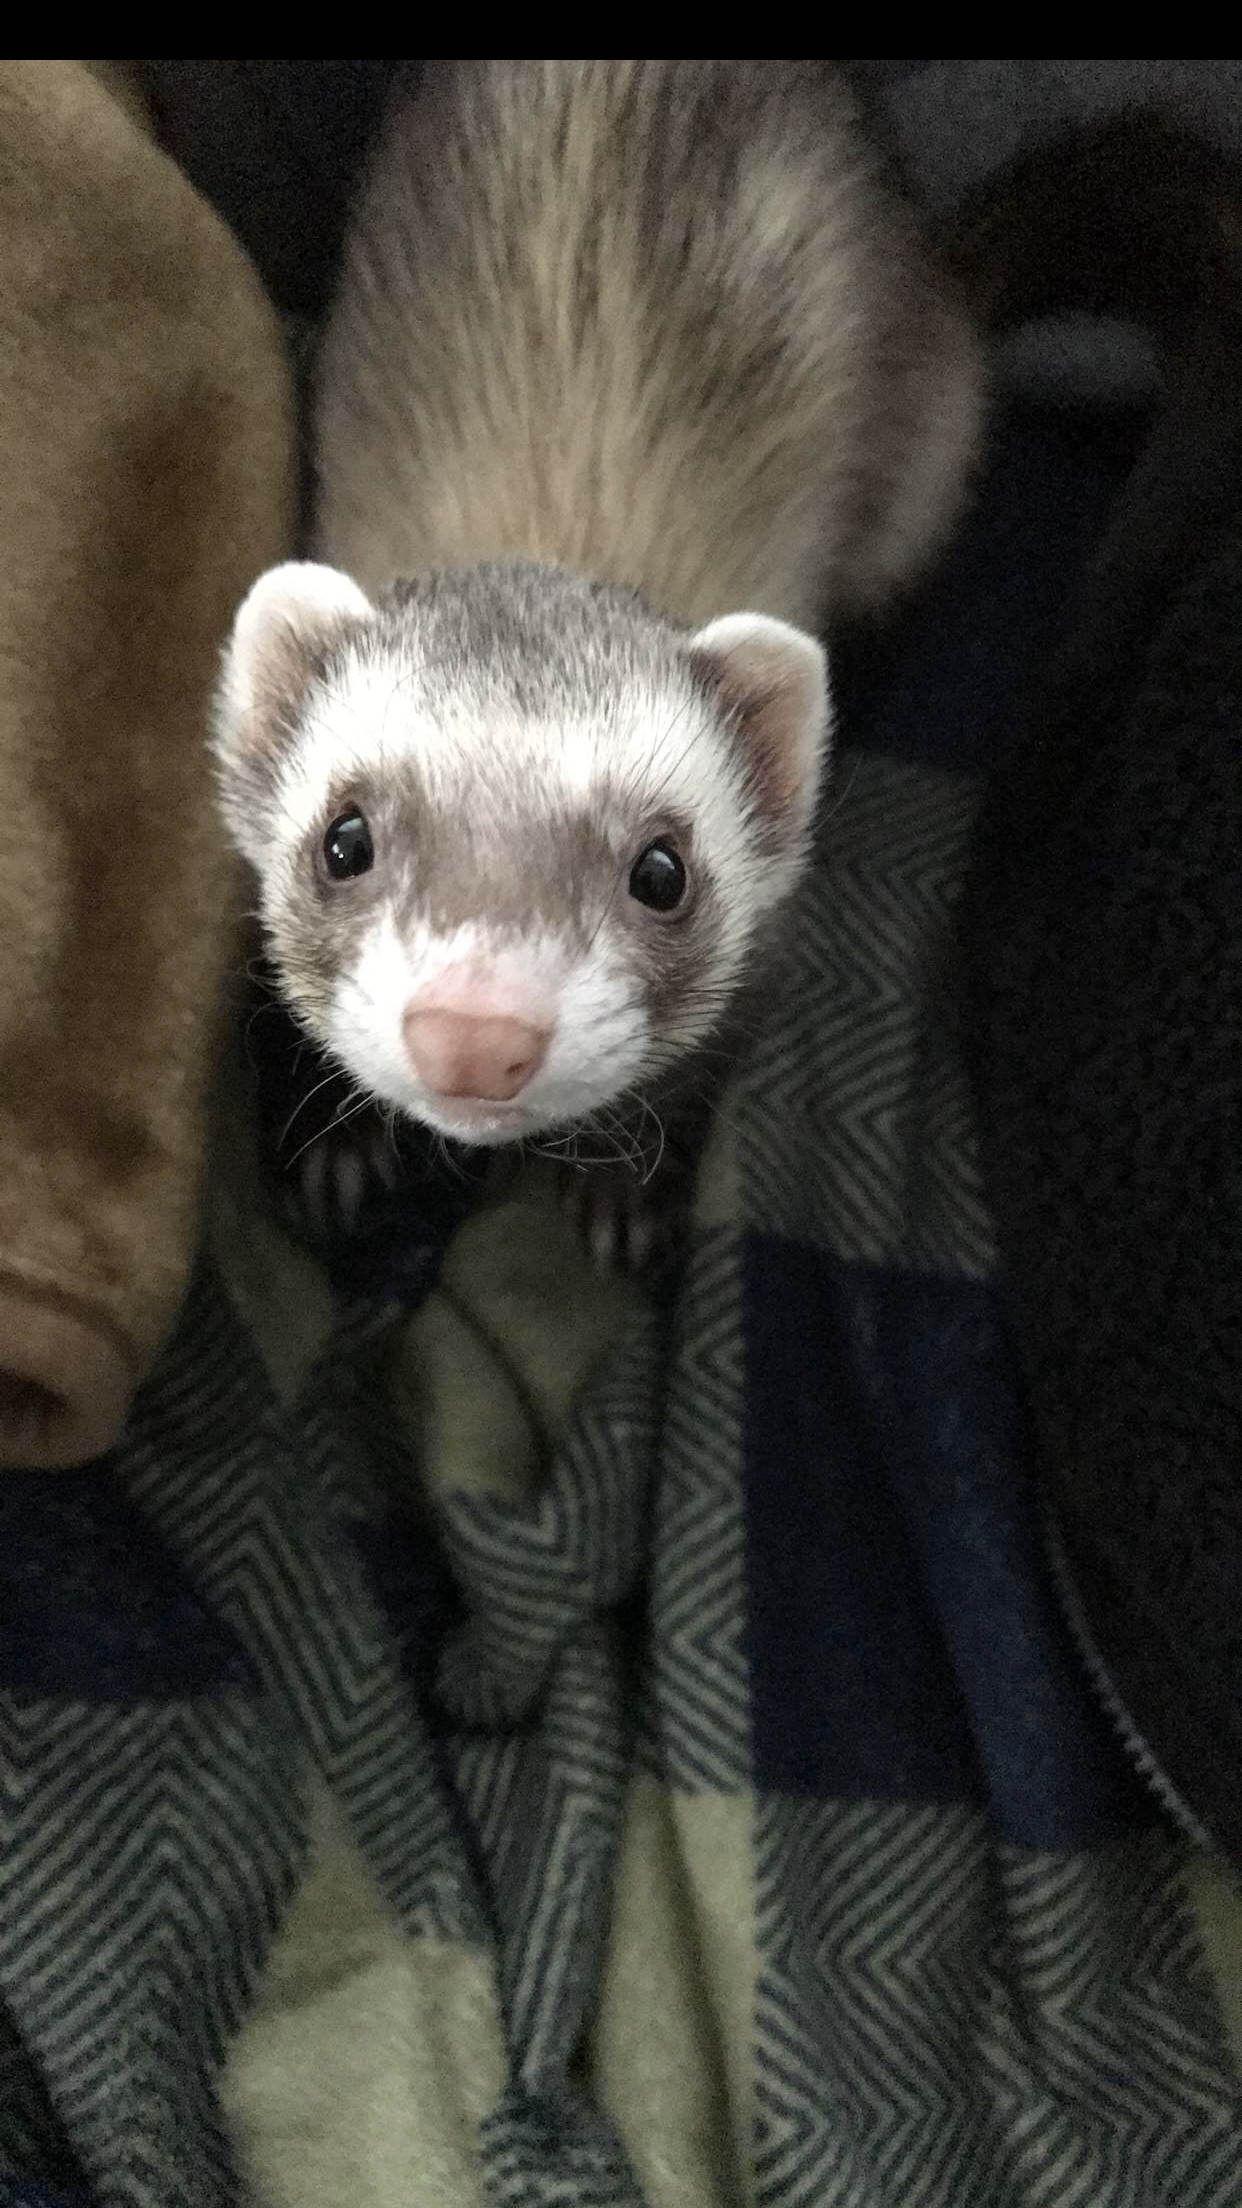 Lil ferret Frida just chilling https//ift.tt/2K4Sway cute